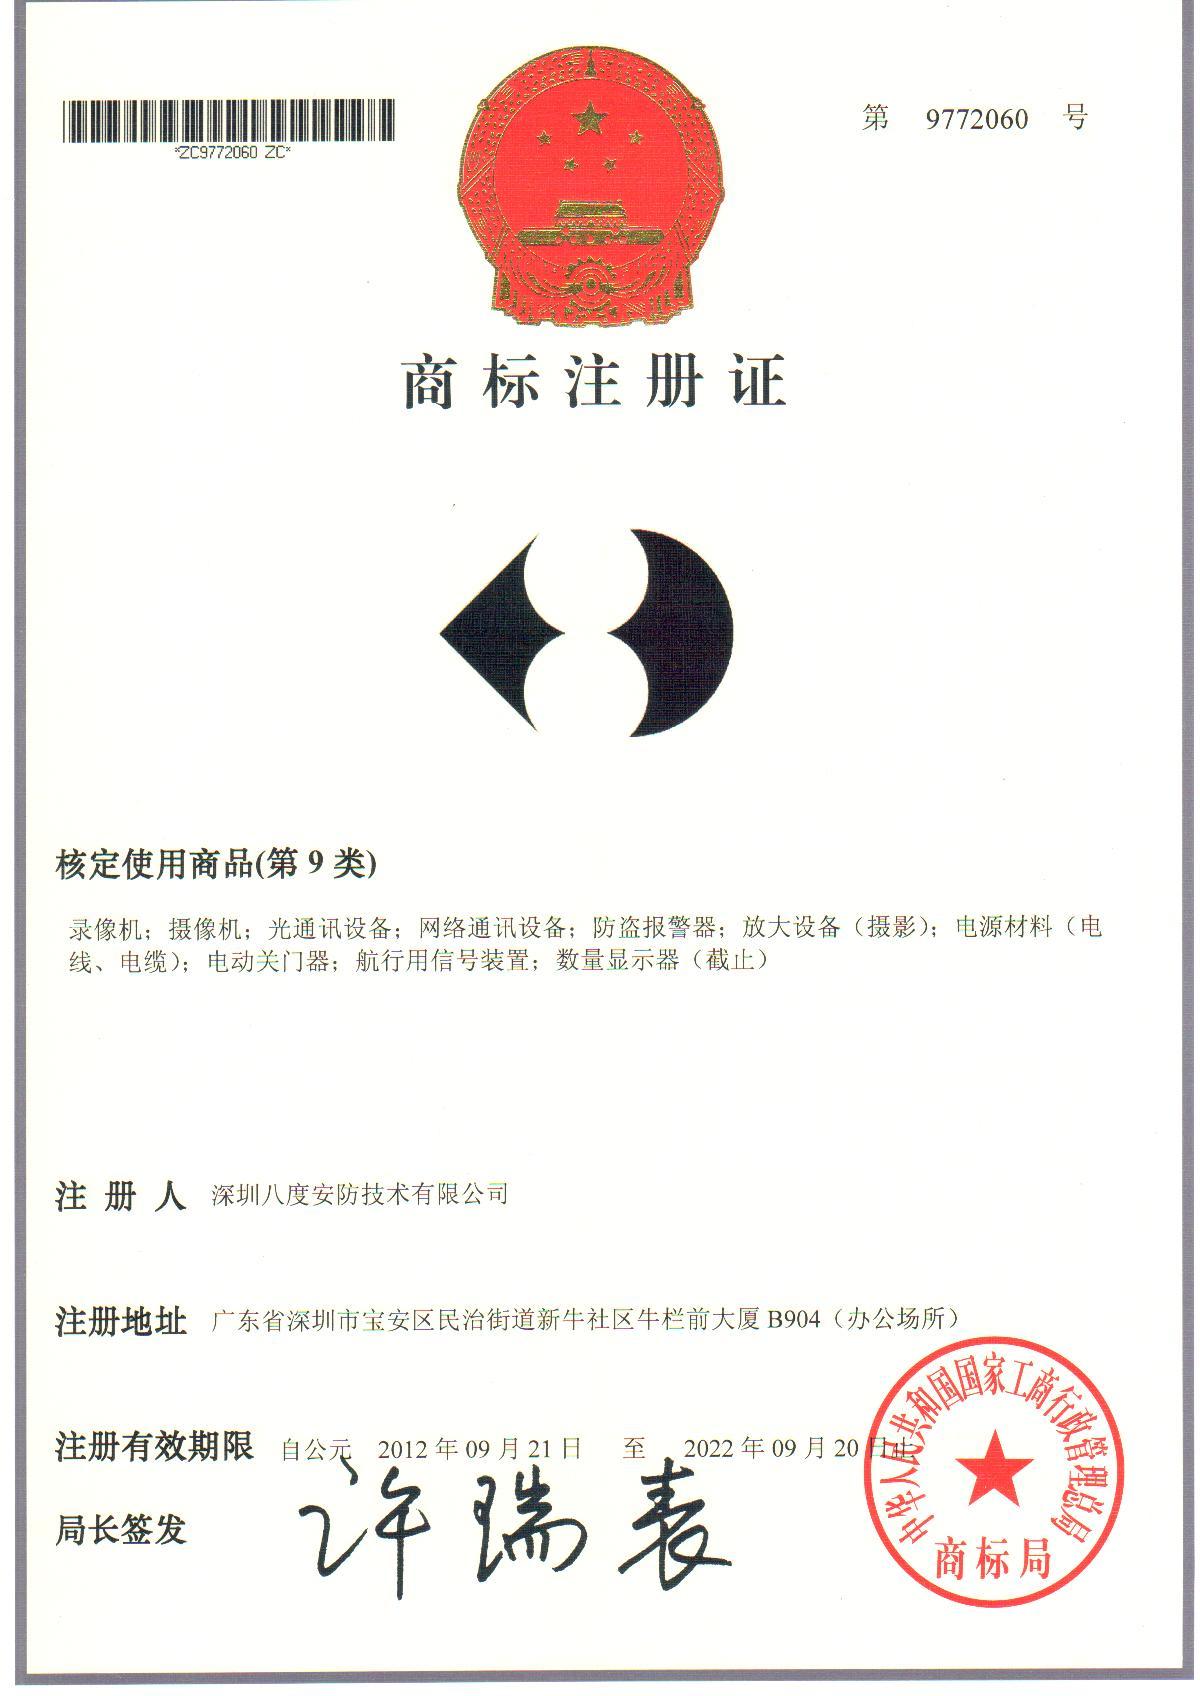 八安LOGO商标注册证